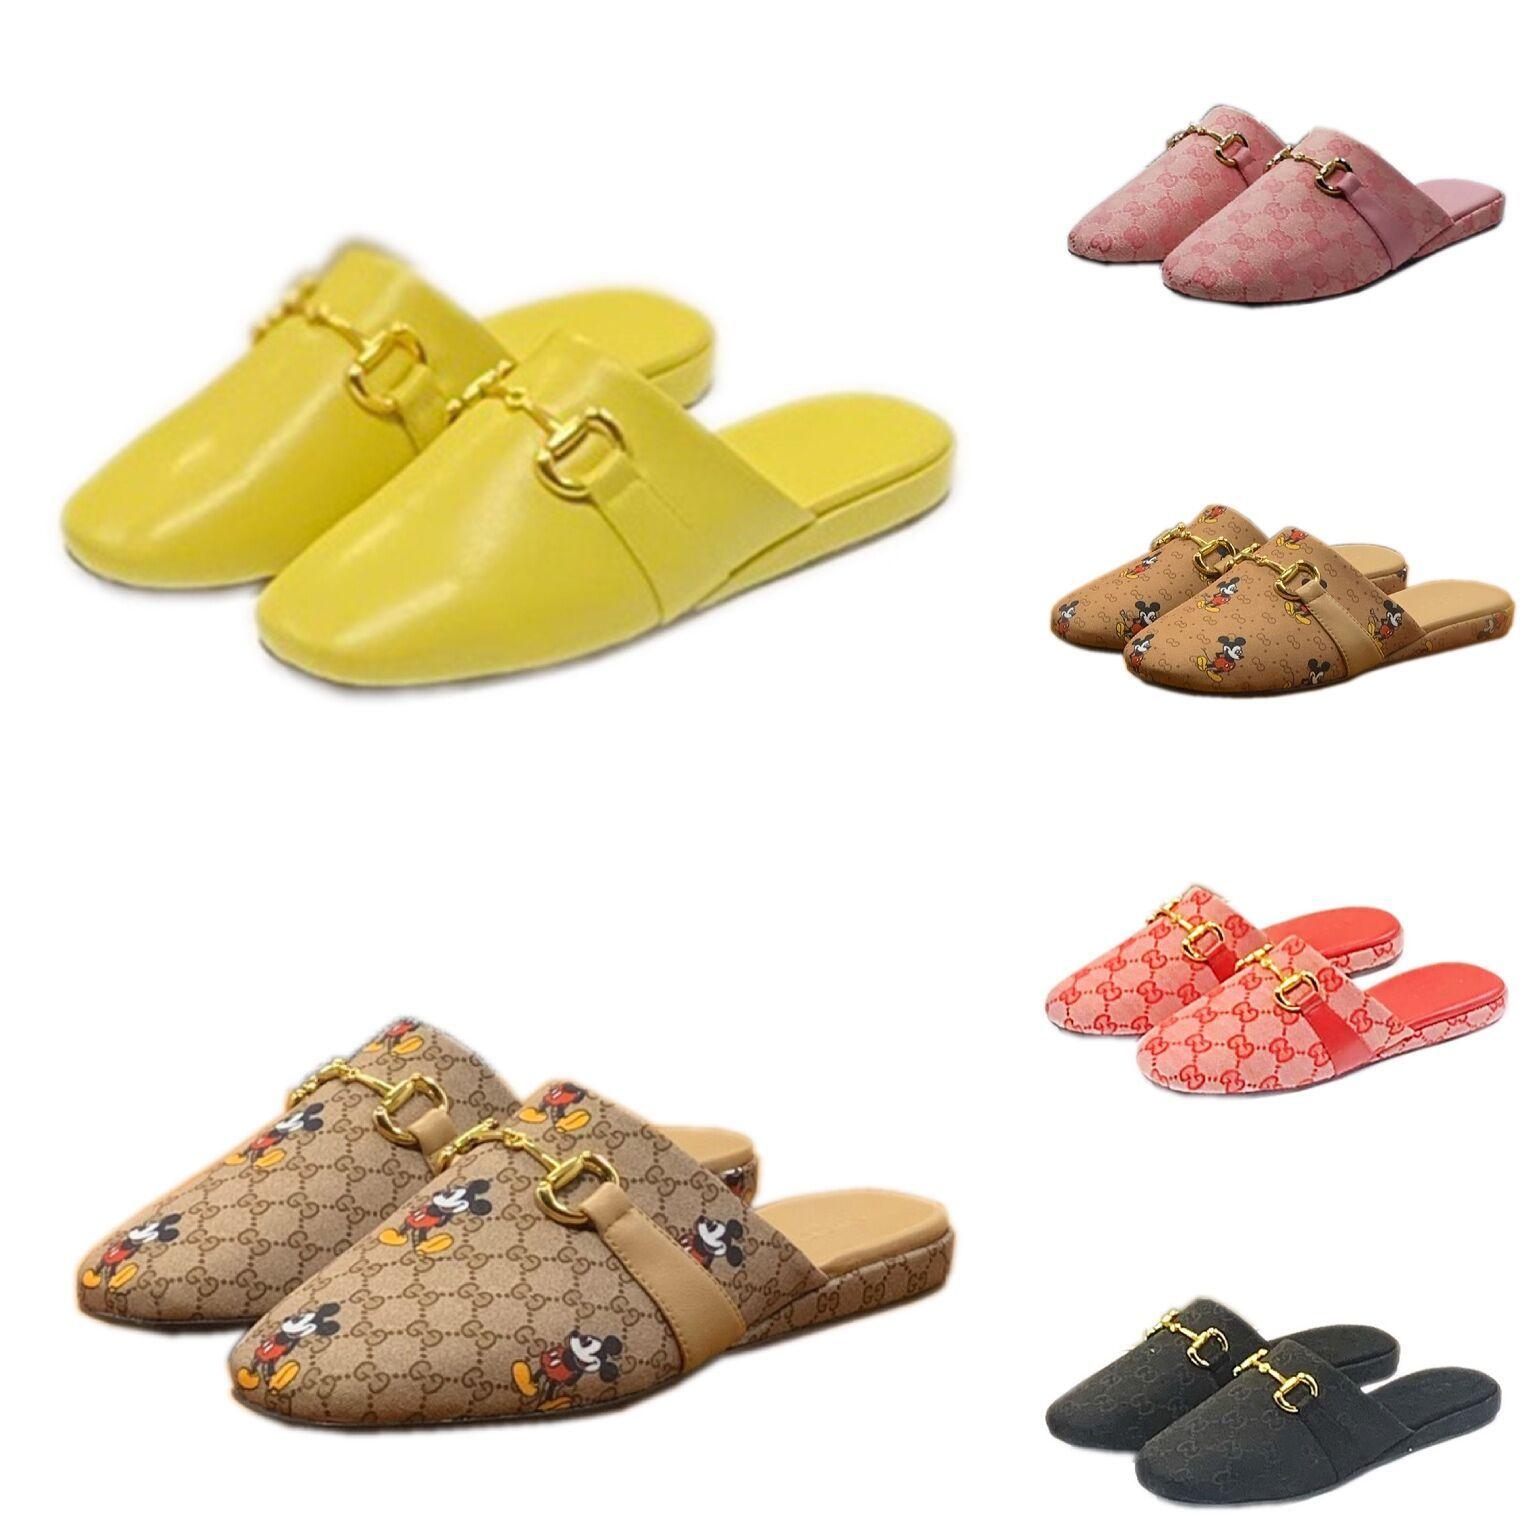 Top qualité Mane En 2006, Paris Gucci Sliders Hommes Femmes Sandales d'été plage pantoufles dames tongs Mocassins Noir Blanc Rouge Slides Chaussures